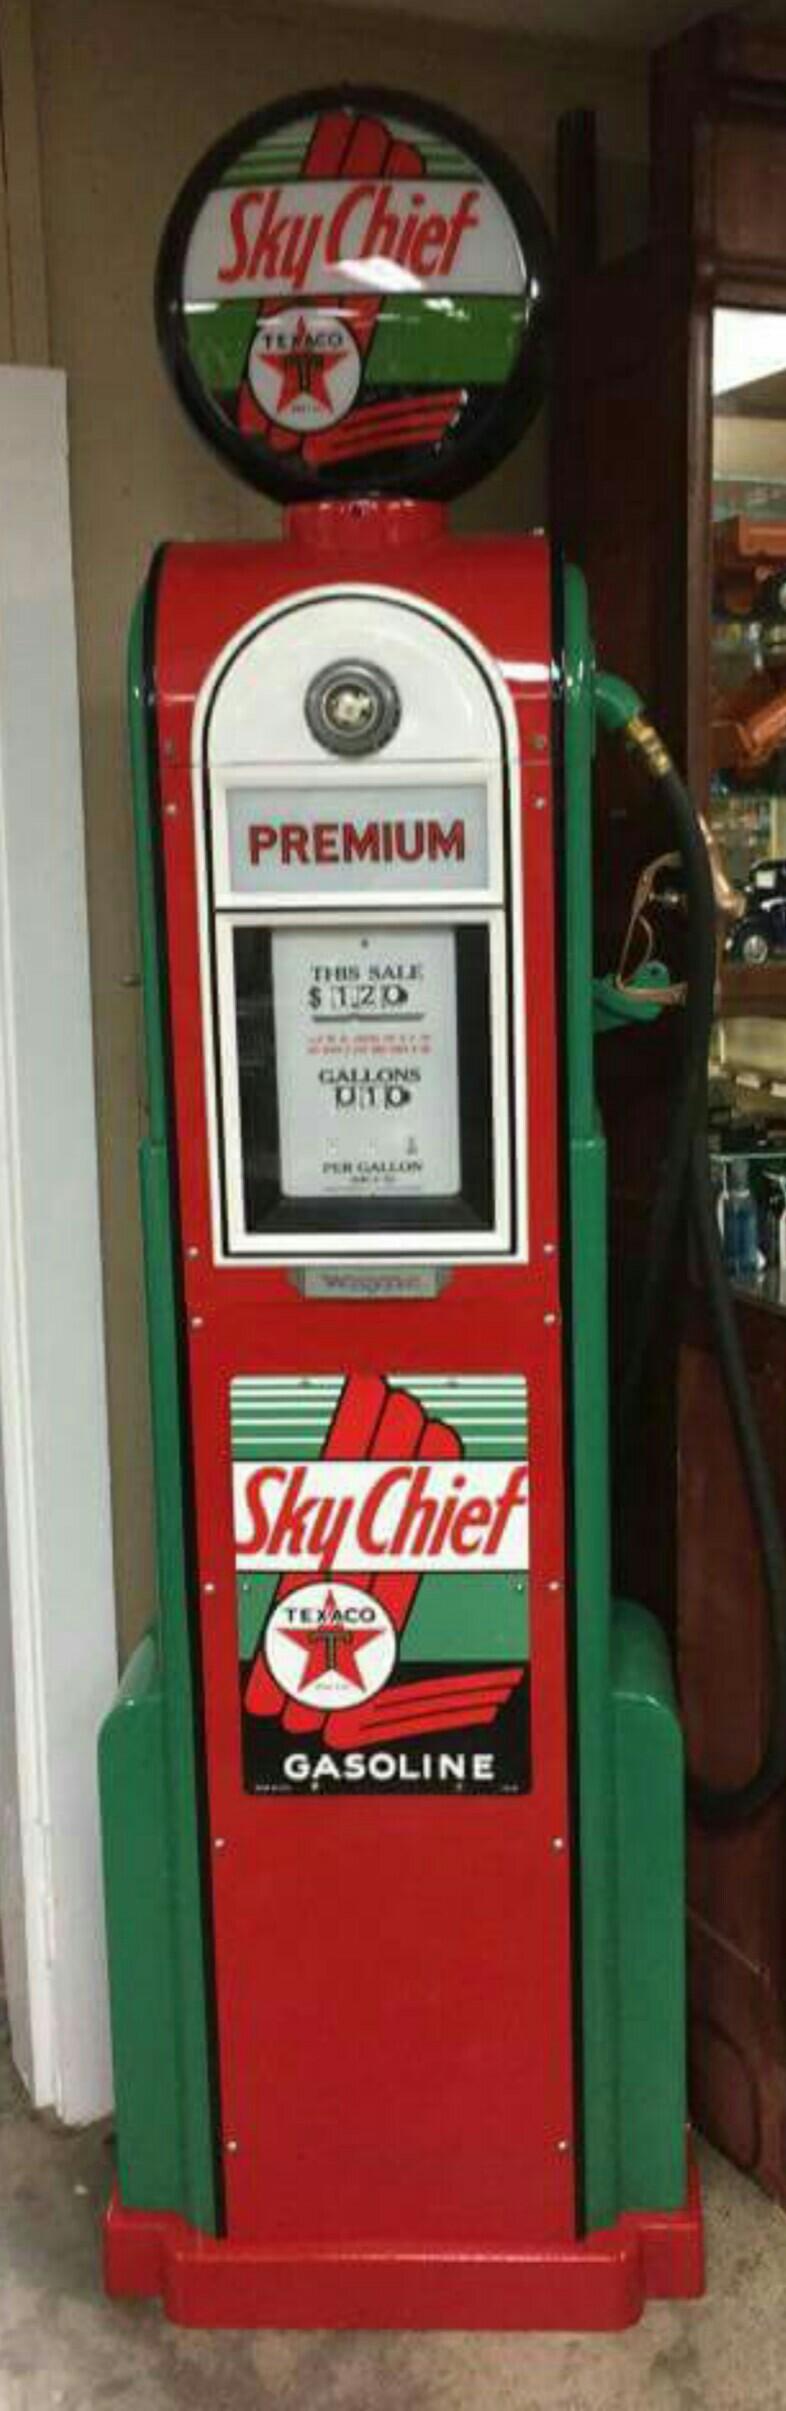 wayne model 60 texaco sky chief gas pump vintage gas